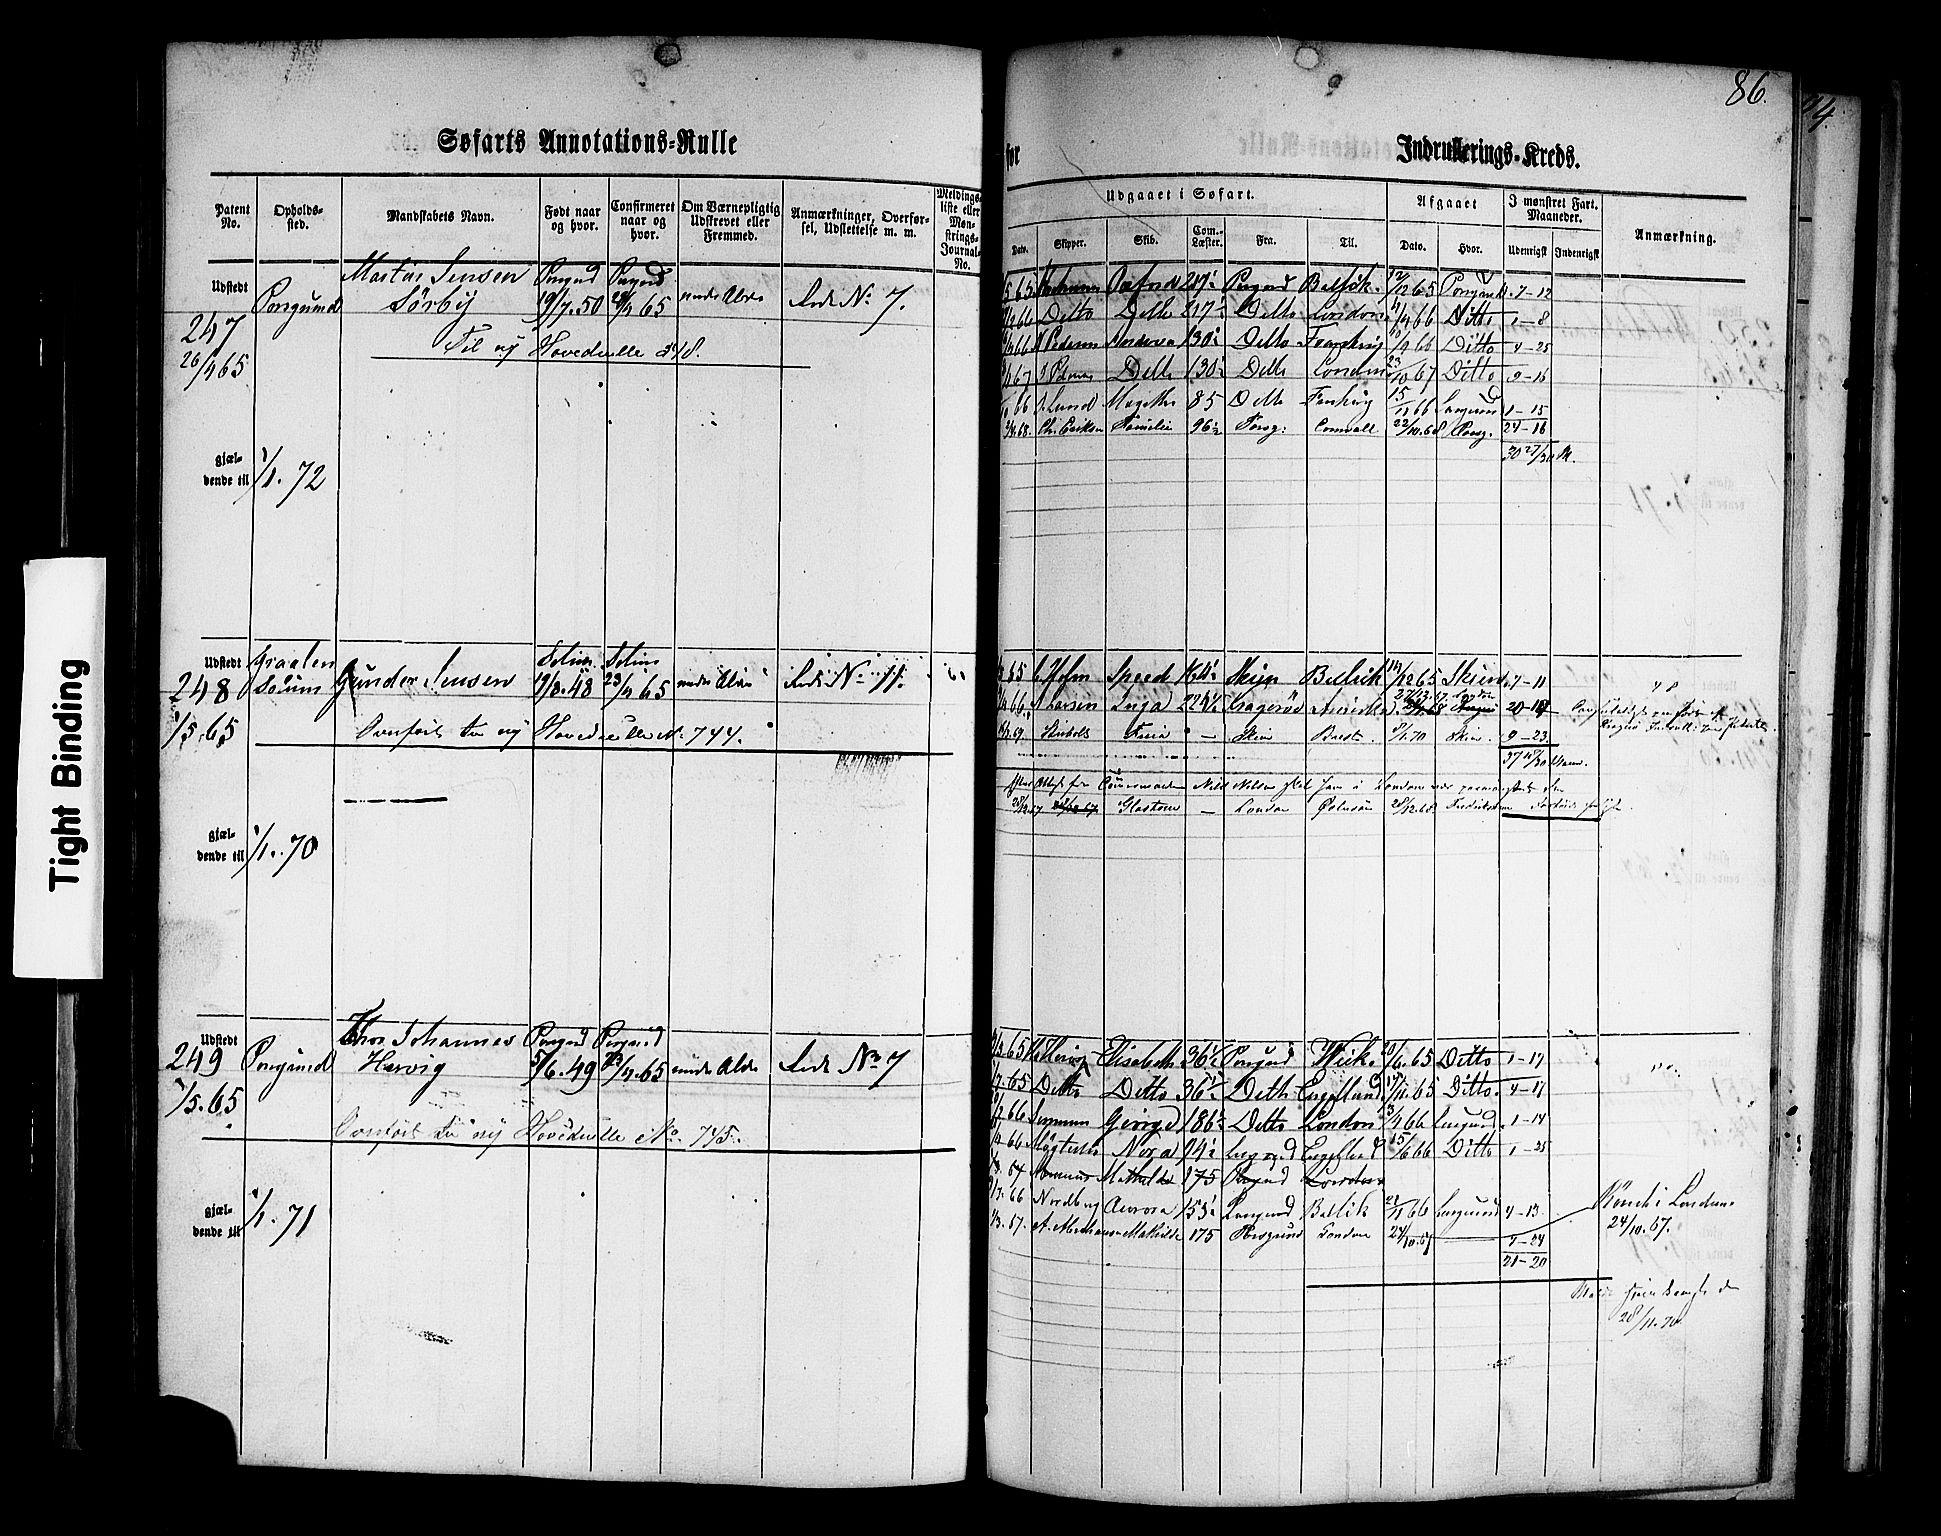 SAKO, Porsgrunn innrulleringskontor, F/Fb/L0001: Annotasjonsrulle, 1860-1868, p. 115